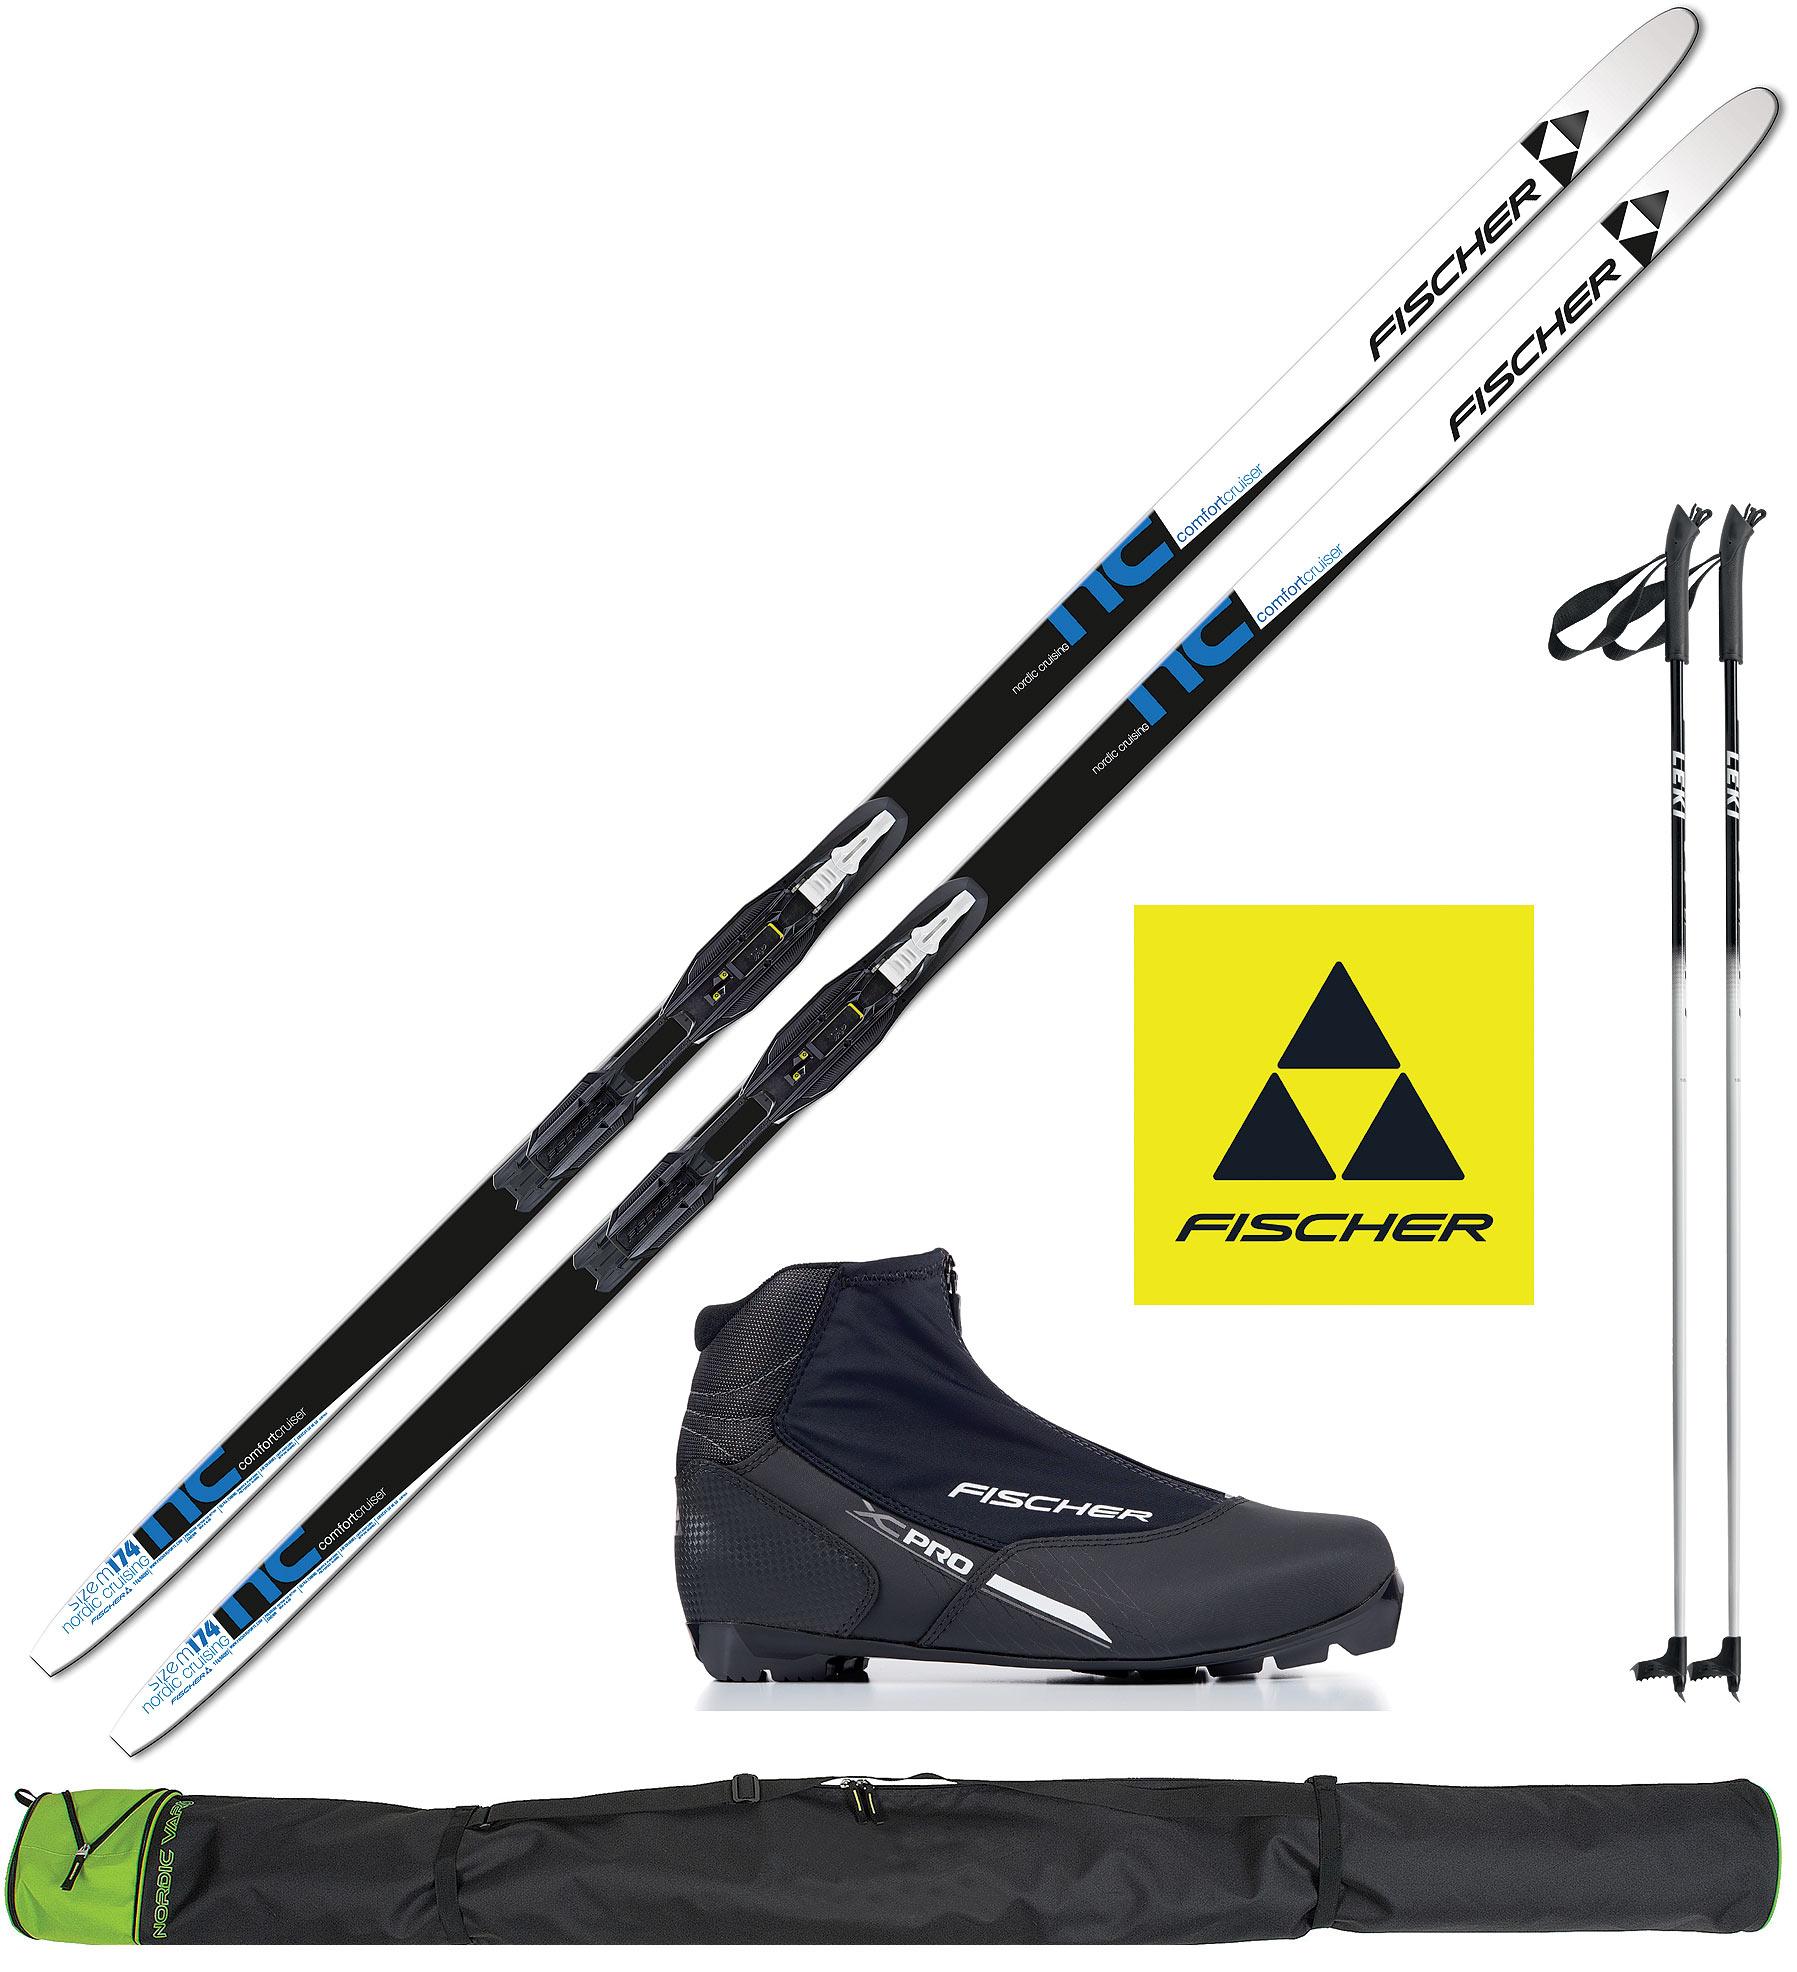 Alpin Langlaufski mit Bindung und Stöcken Ski-Sets